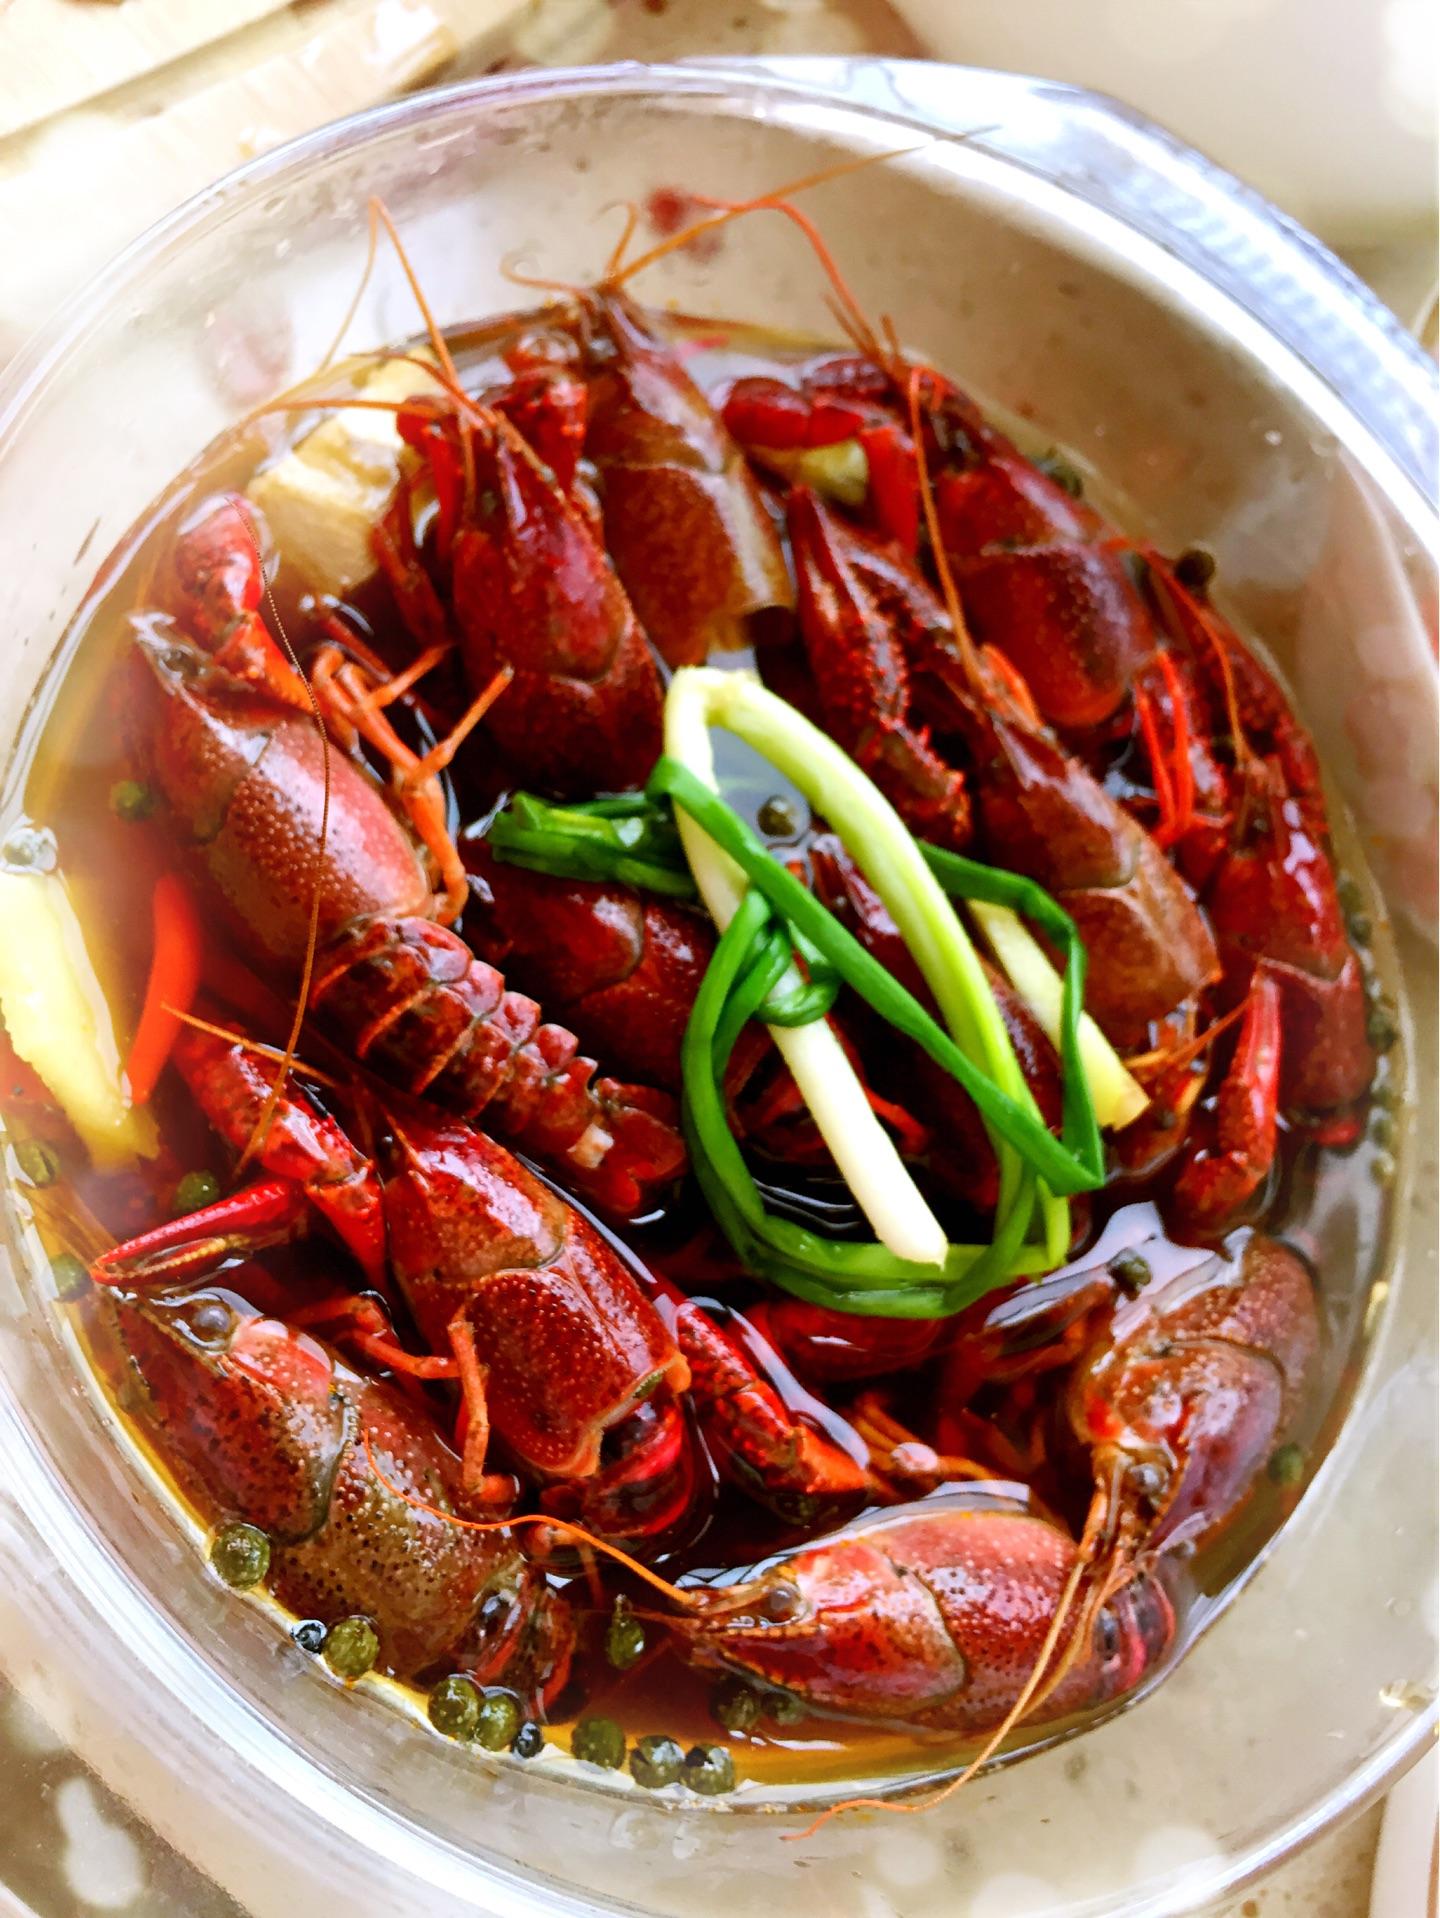 清洗小龙虾,买回来以后放在盐水中浸泡1小时左右,吐干净里面的脏水